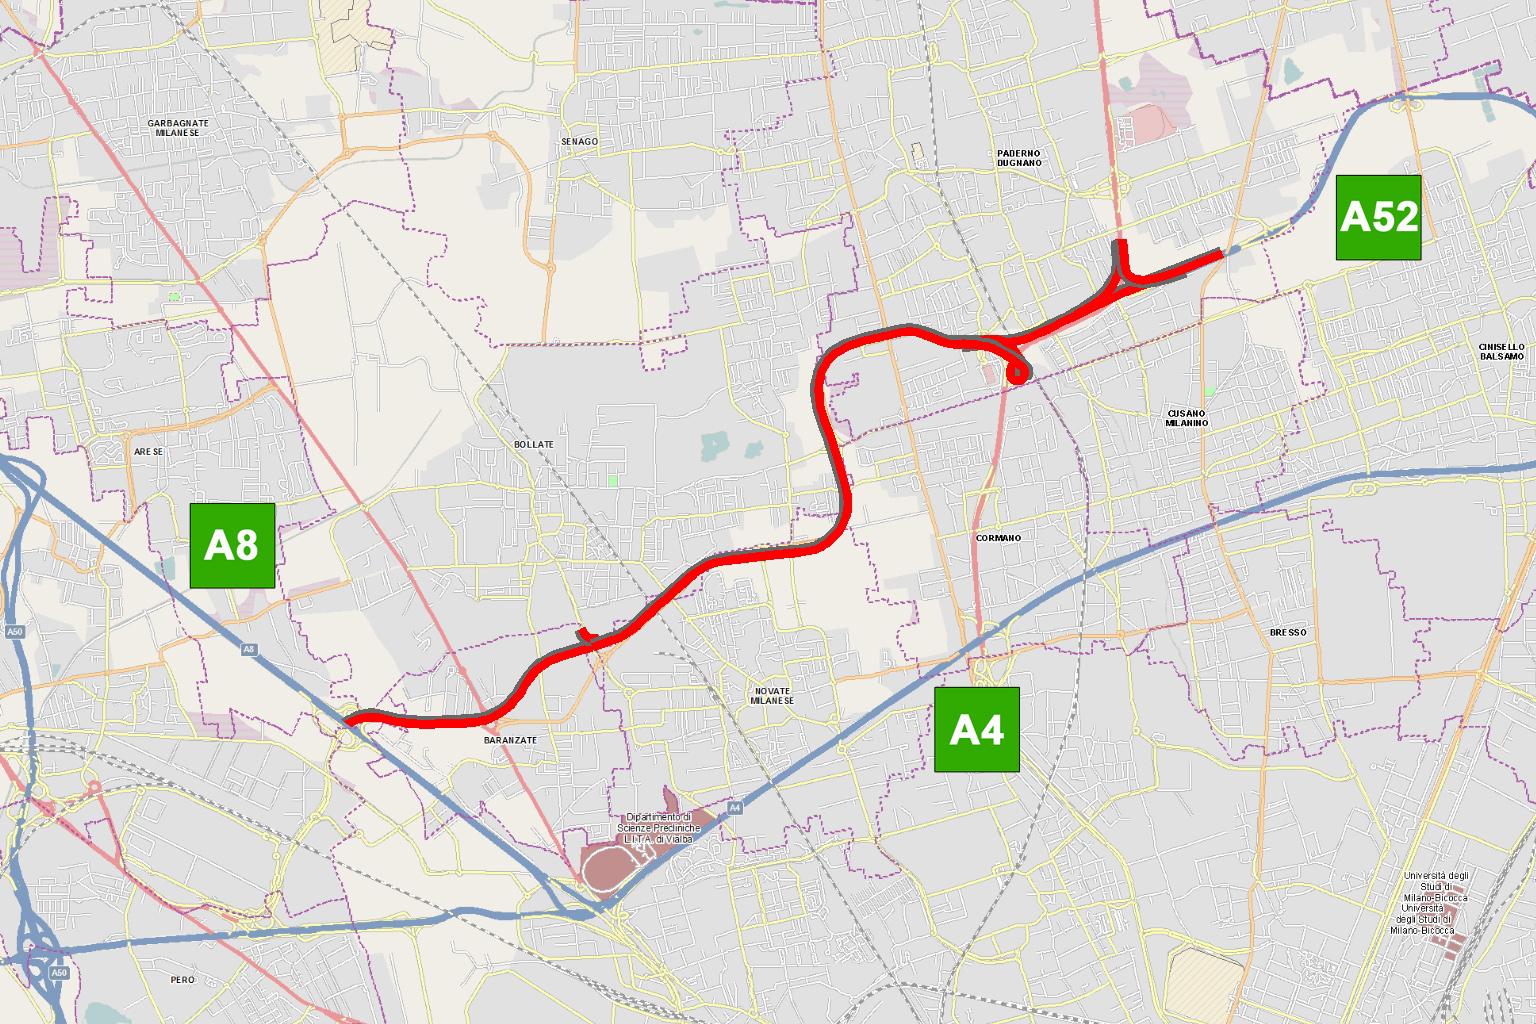 Cartina Autostradale Della Lombardia.Completamento Della Tangenziale Nord Di Milano A52 Rho Monza